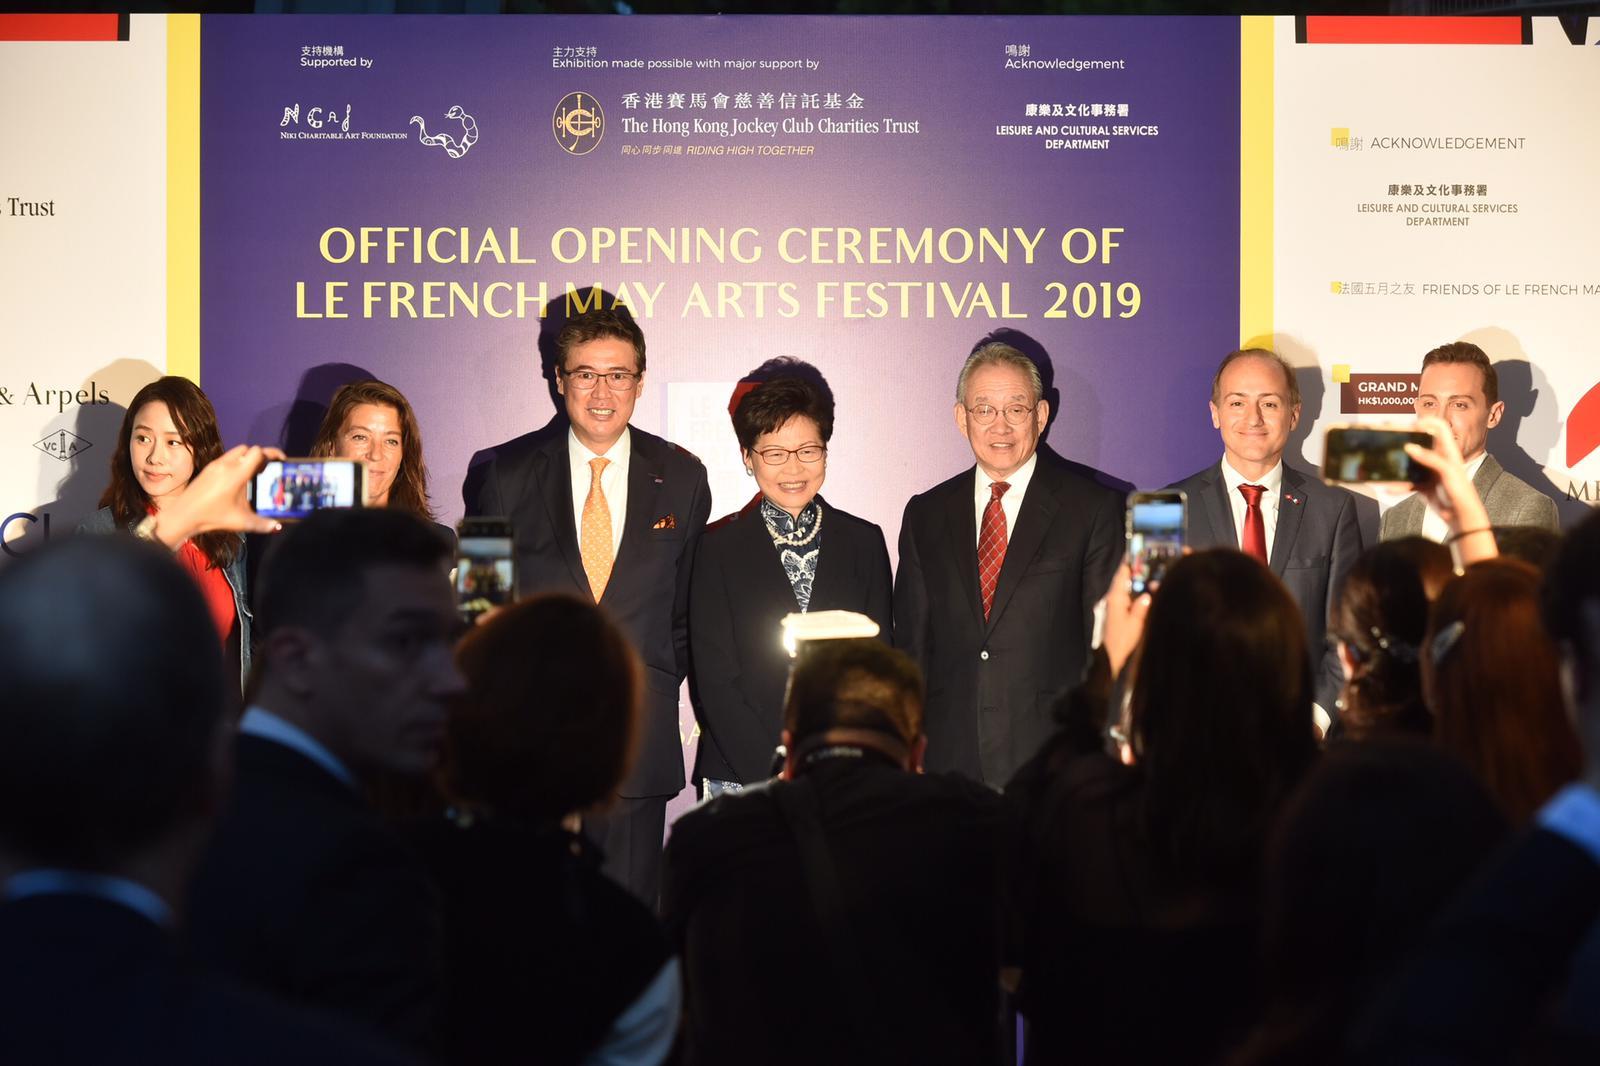 林郑月娥出席法国五月艺术节开幕仪式